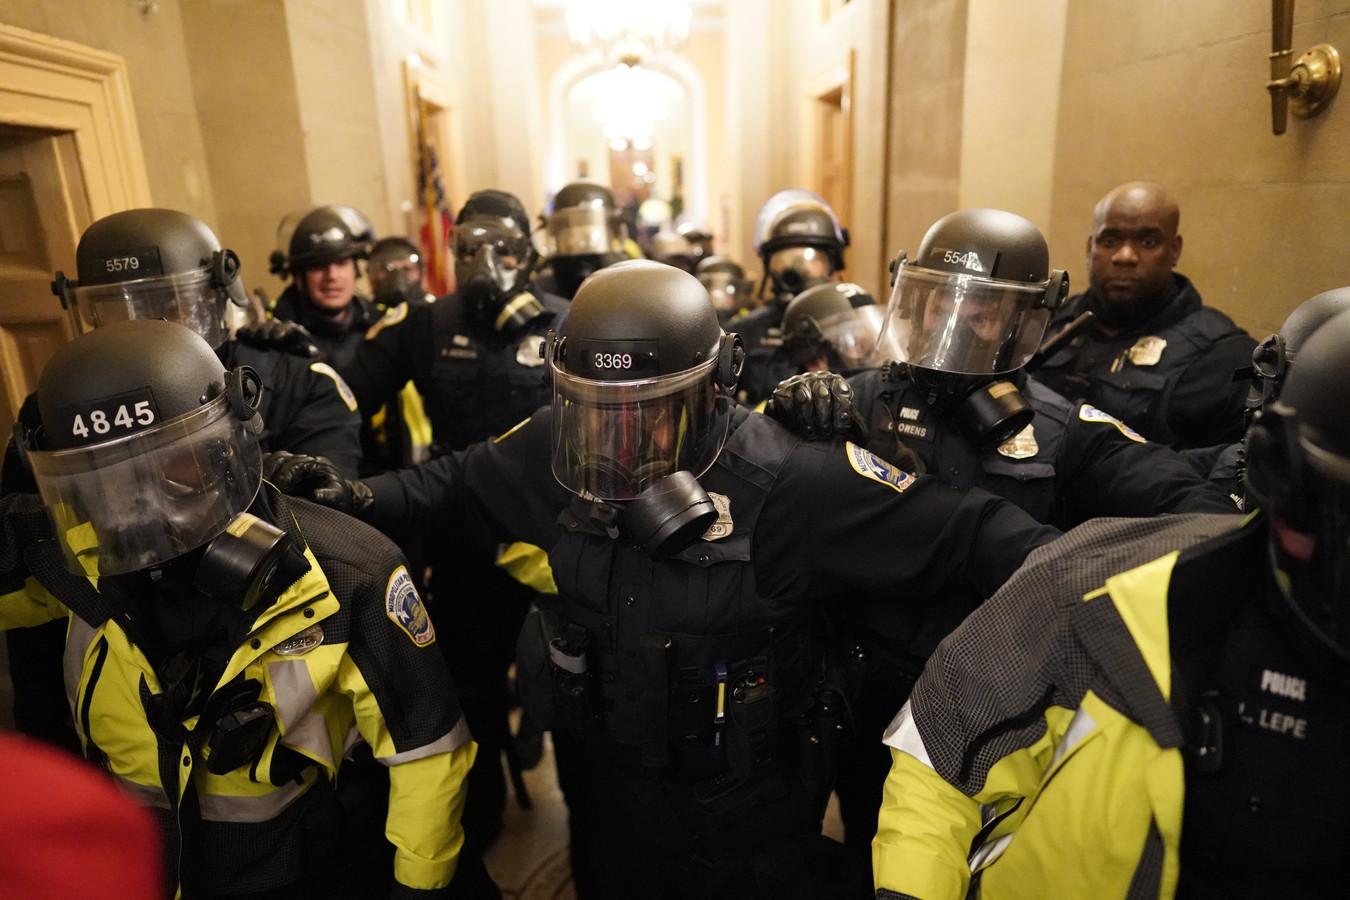 Politieagenten tijdens de bestorming van het Capitool (archiefbeeld)